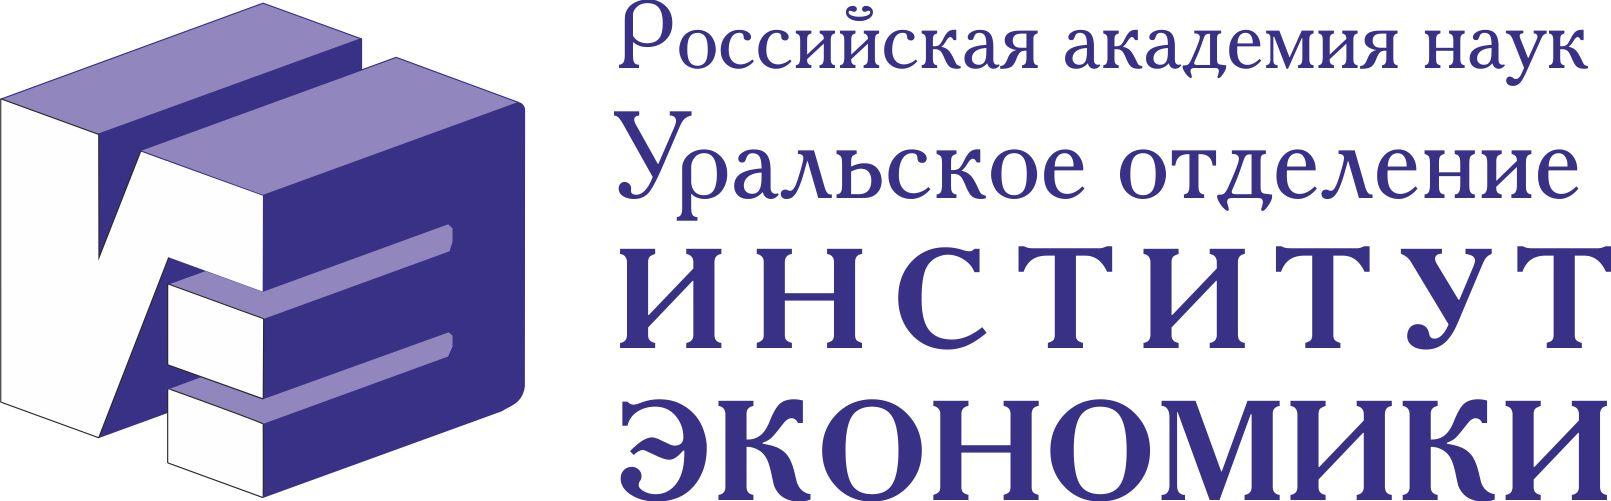 В Институте экономики обсудили Эконометрическую модель макроэкономической динамики России